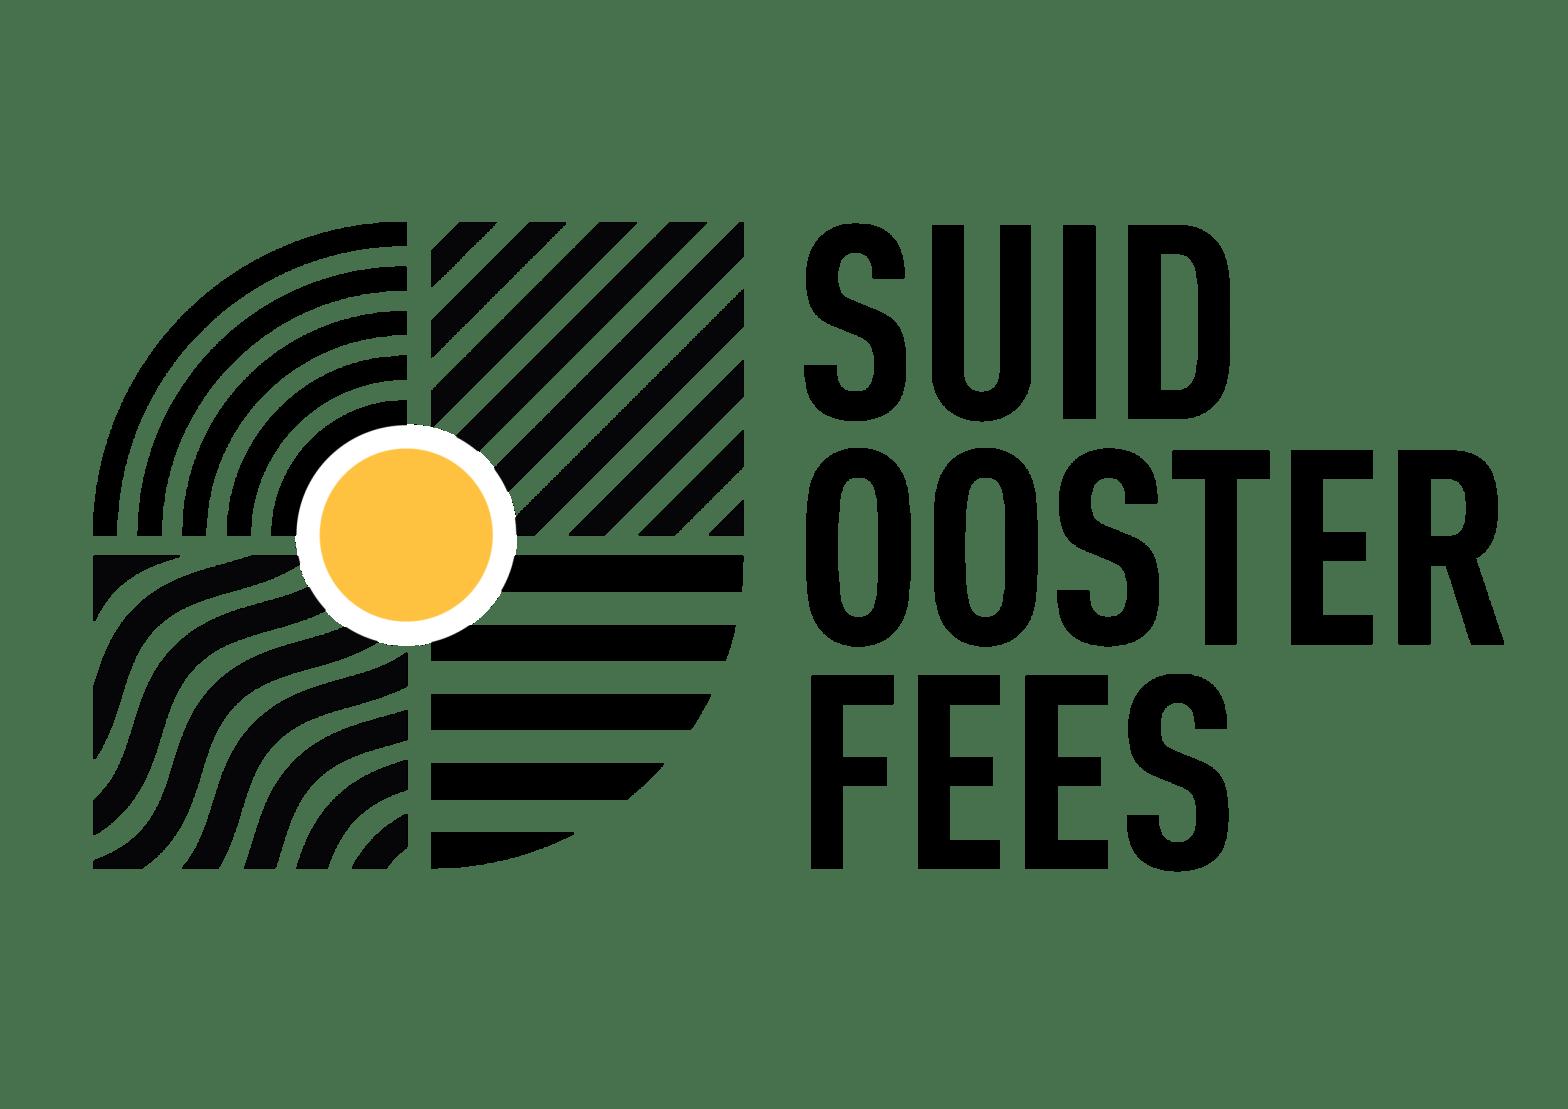 Suidoosterfees